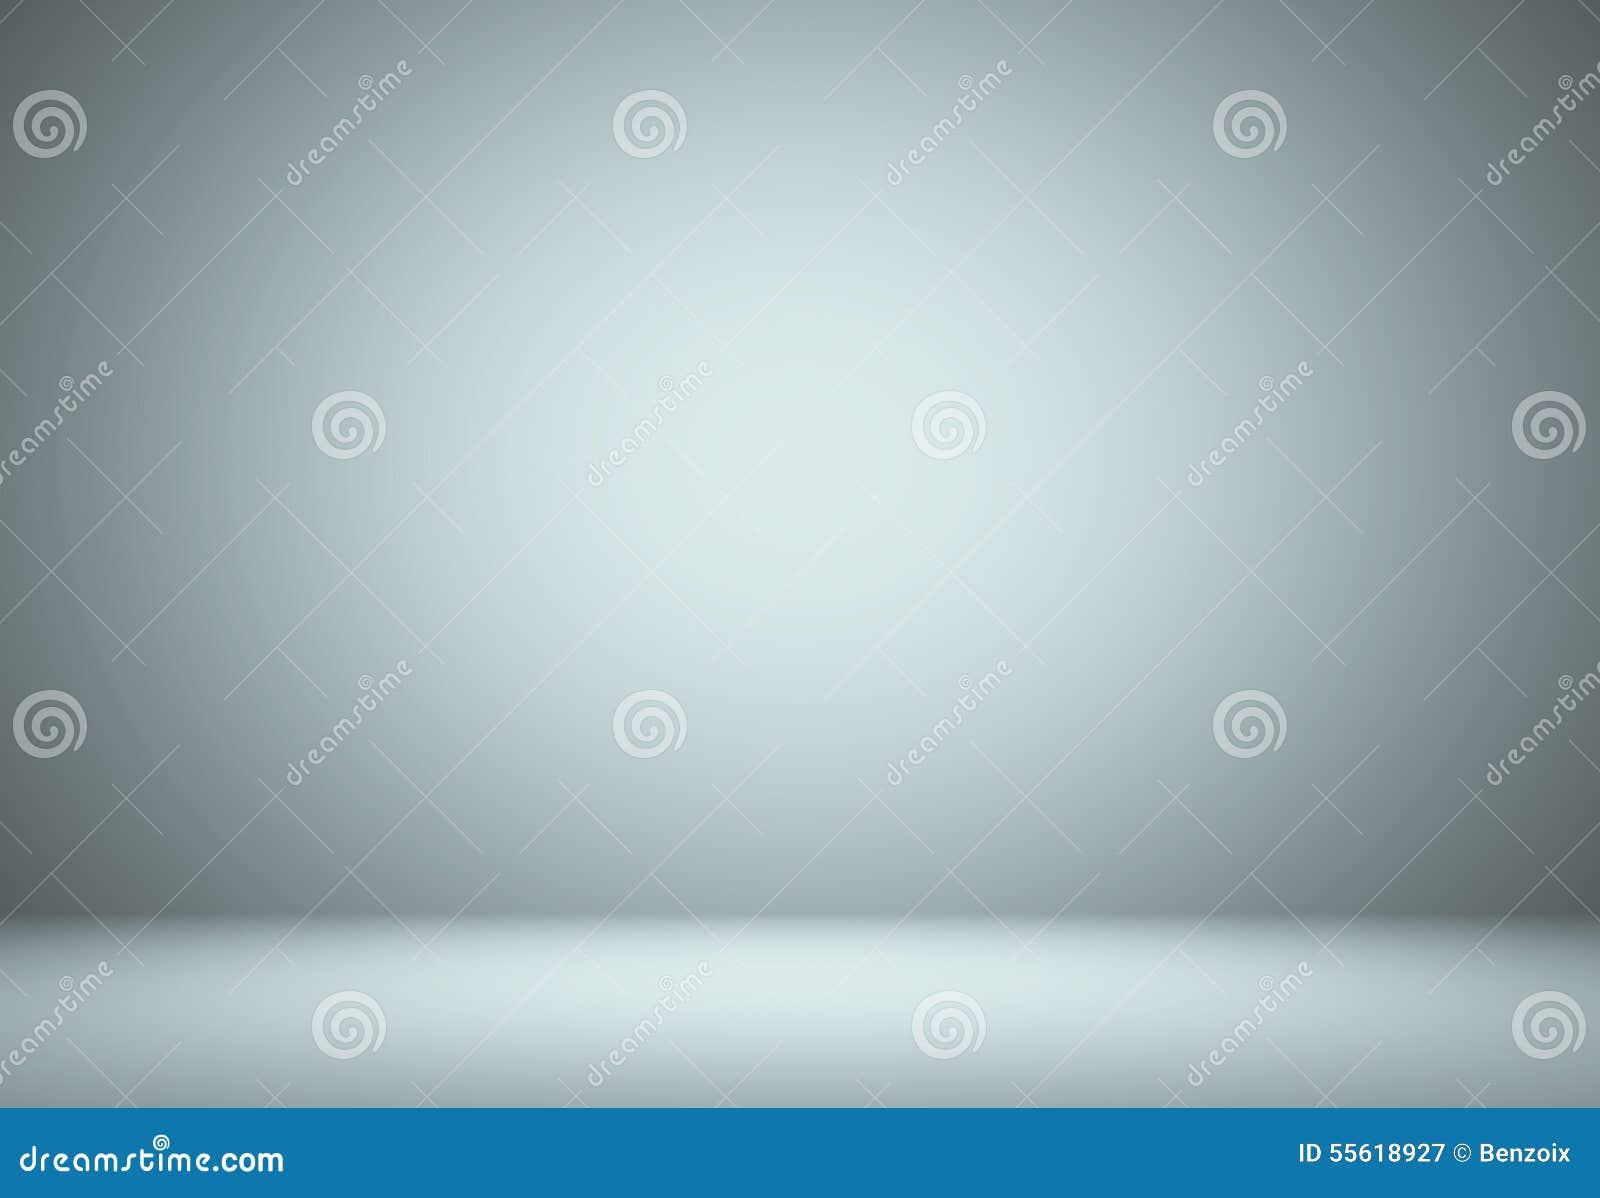 Uso azul claro liso del pozo del estudio como fondo, informe de negocios